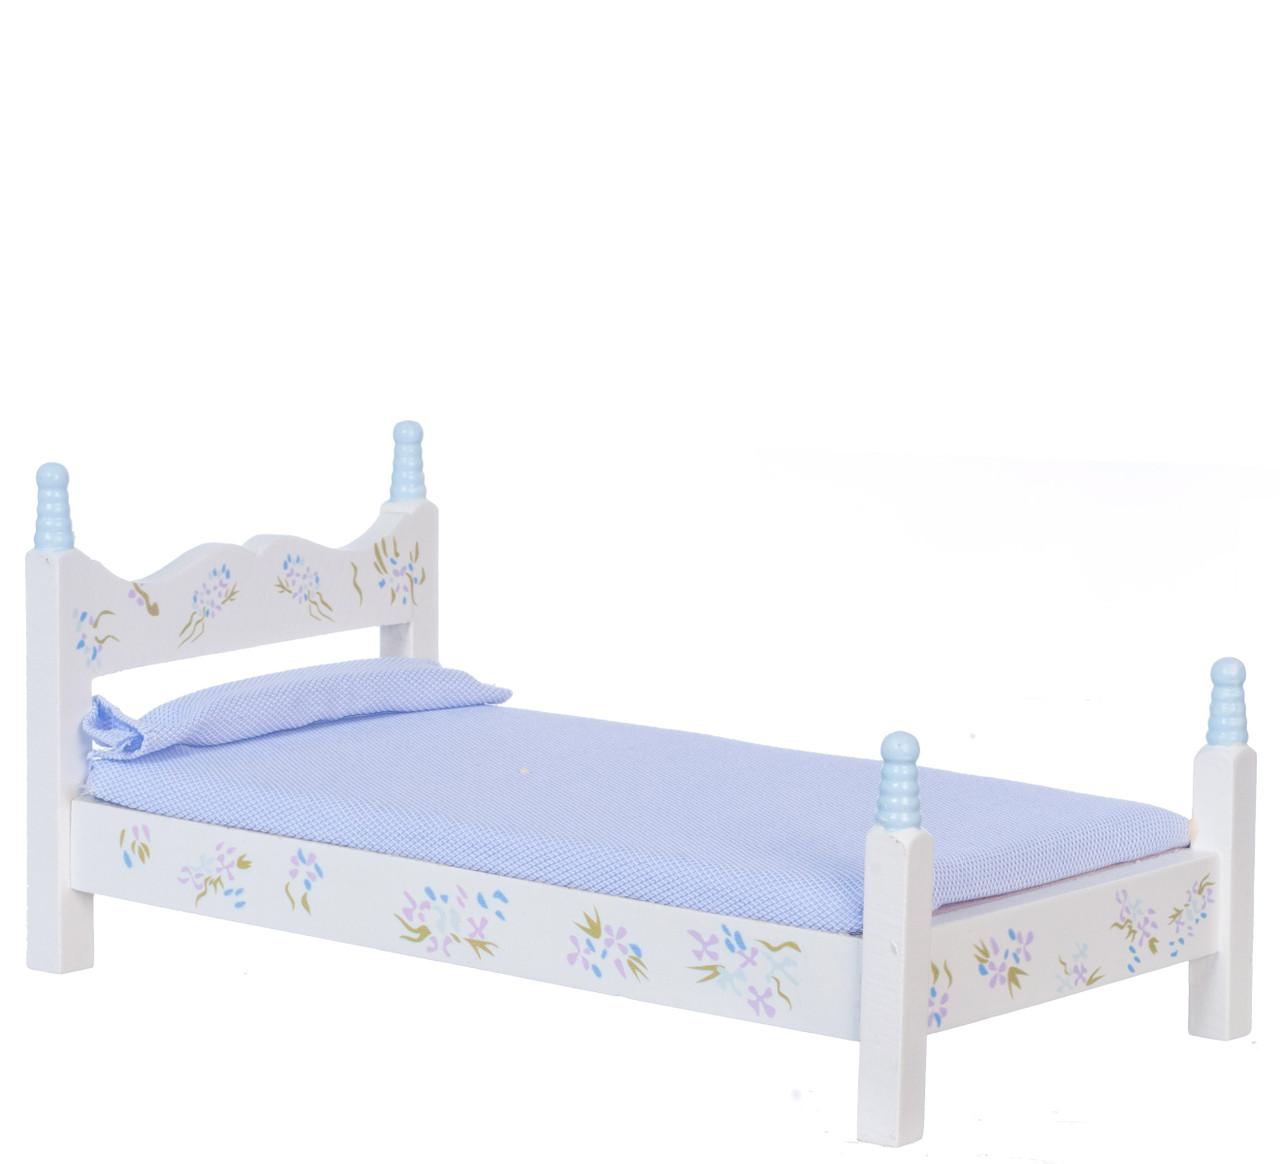 Dollhouse City - Dollhouse Miniatures Blue Single Bed